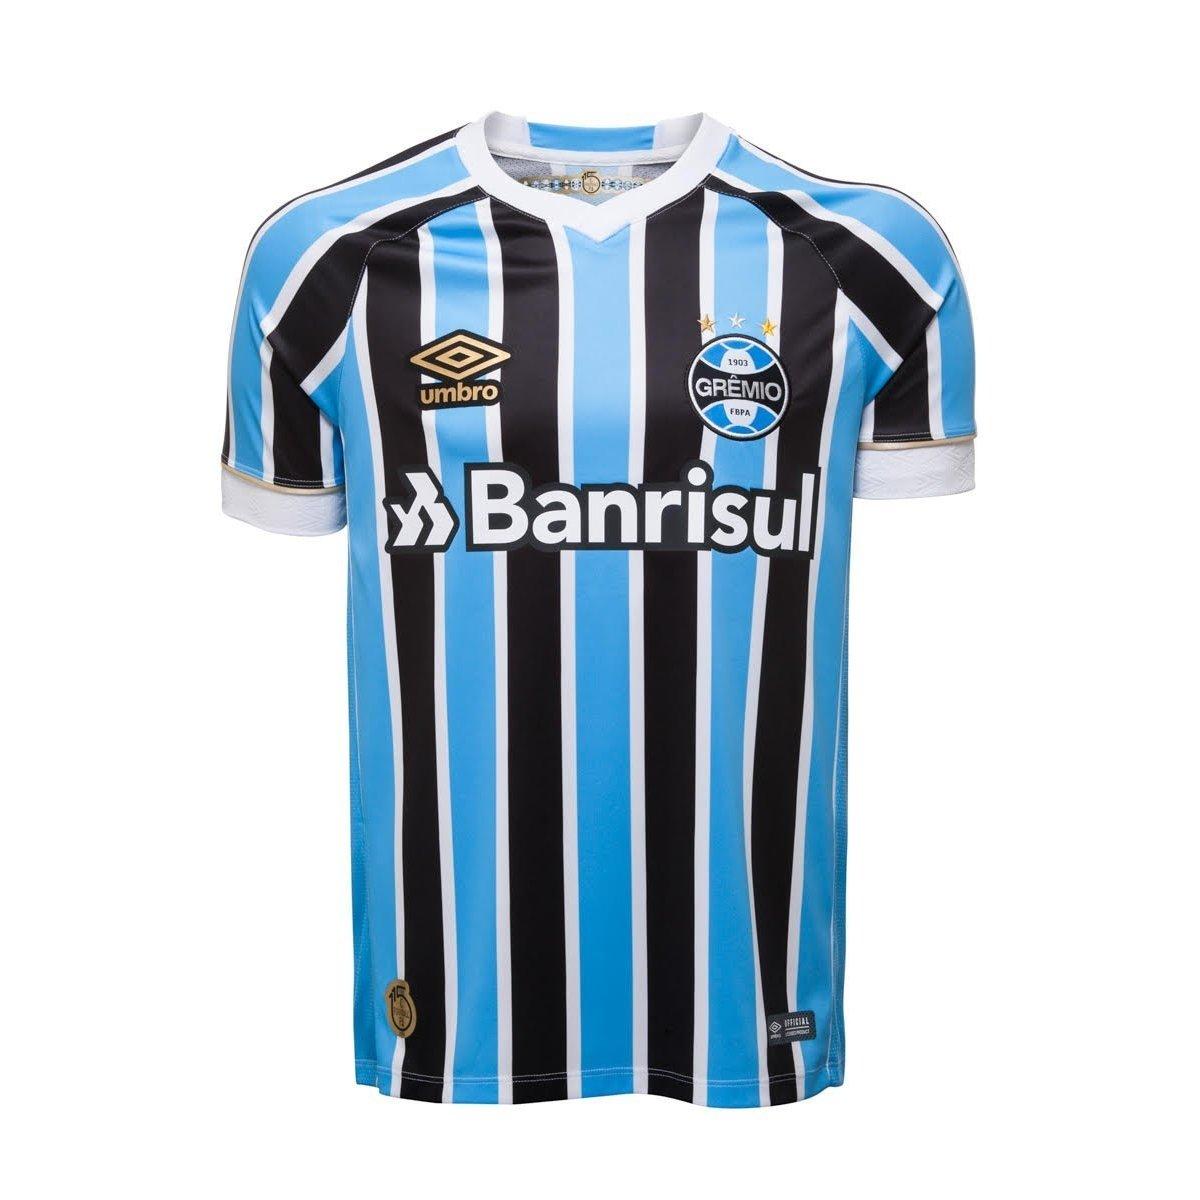 8d994824e8119 Camisa Oficial Masculina Umbro Grêmio OF 1 2018 - Compre Agora ...